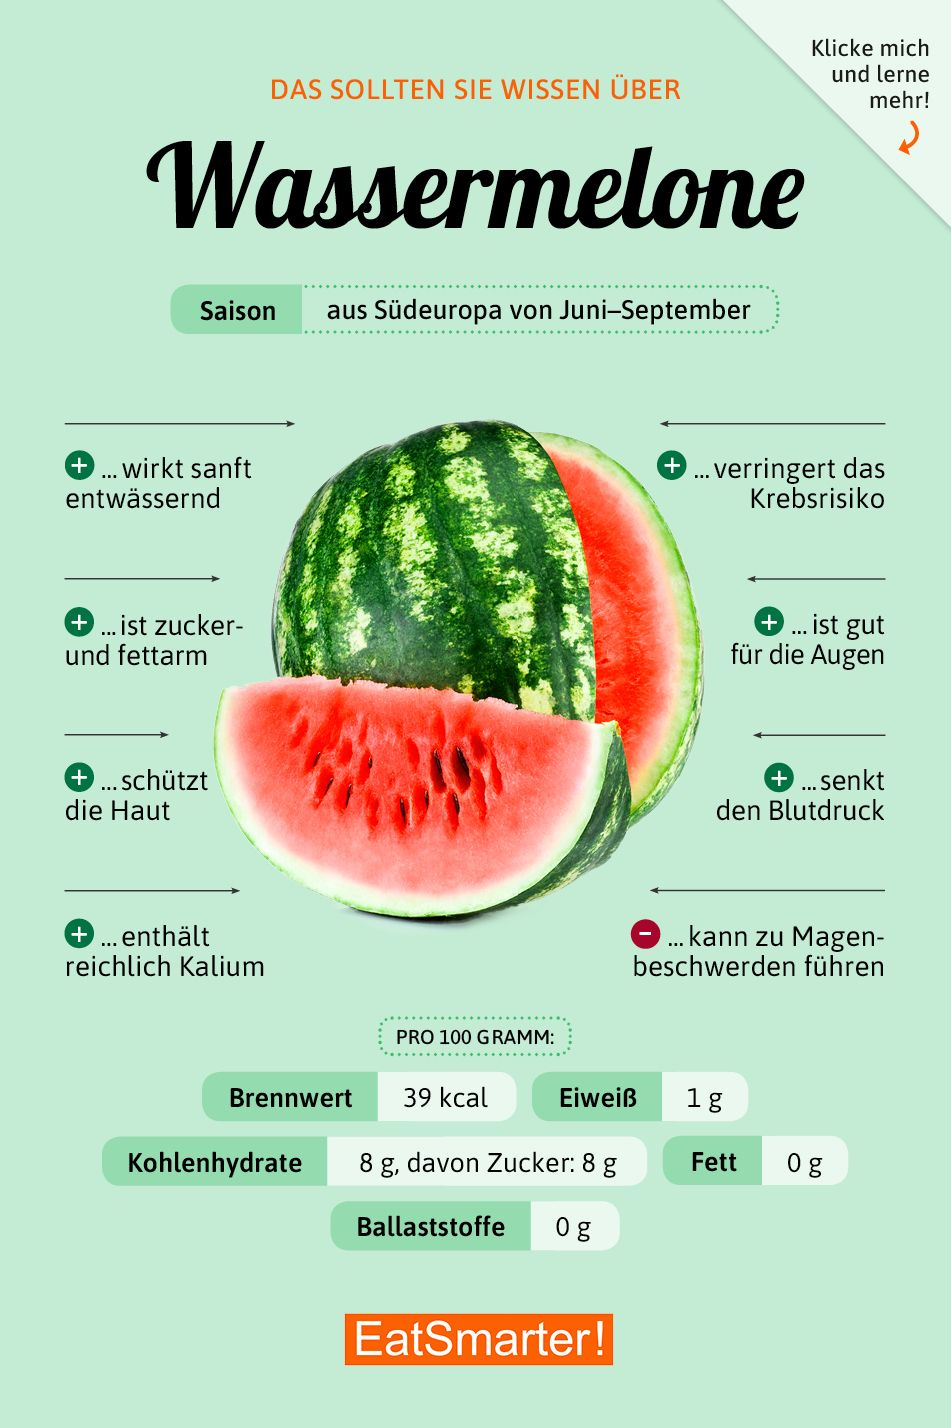 Wassermelone #nutritionhealthyeating